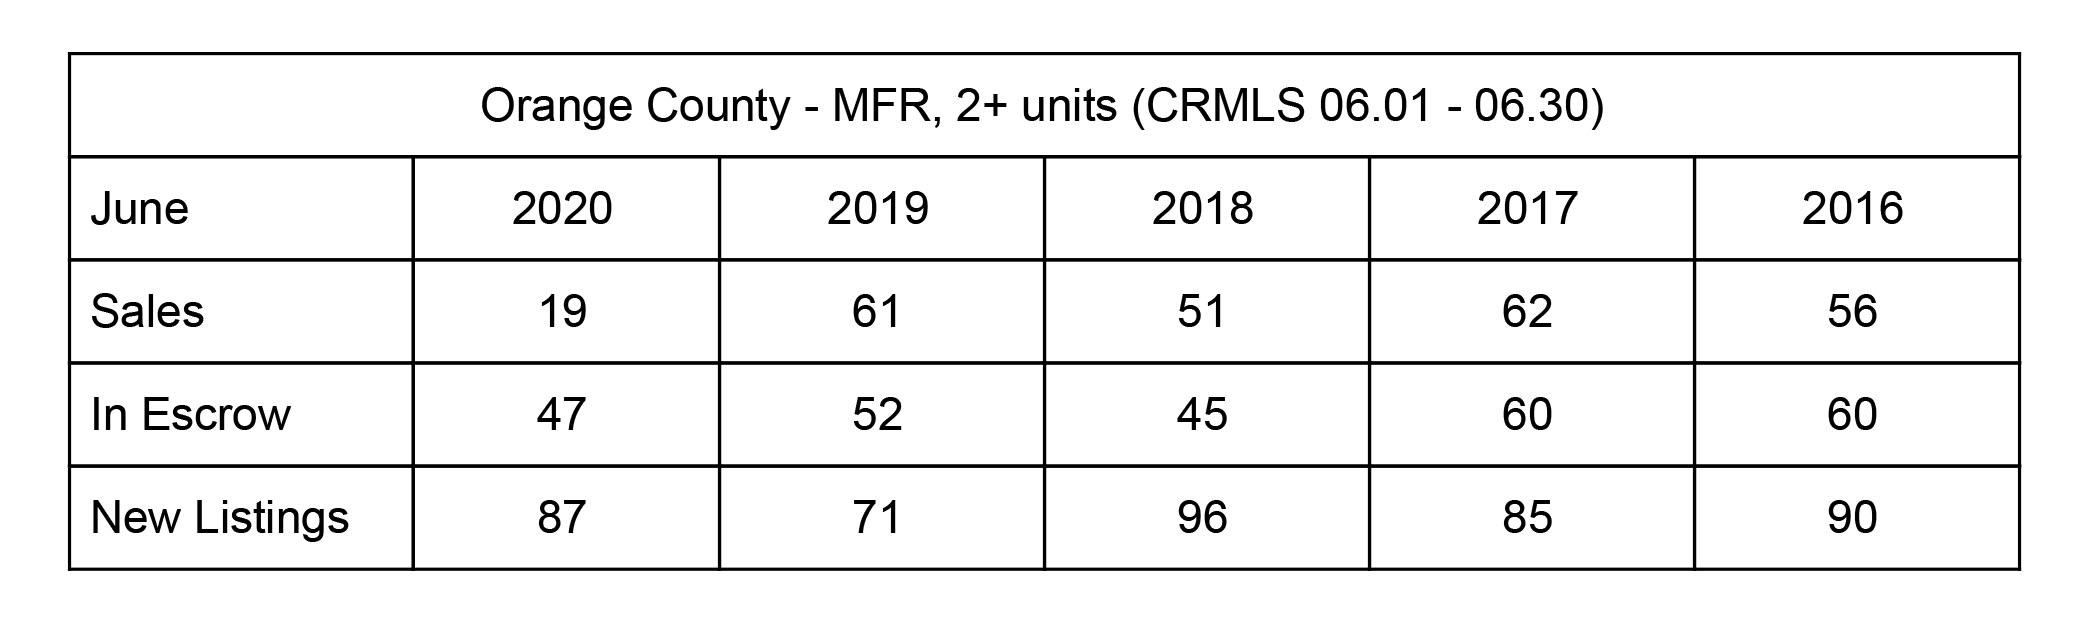 OC Multifamily Market Update - June 2020